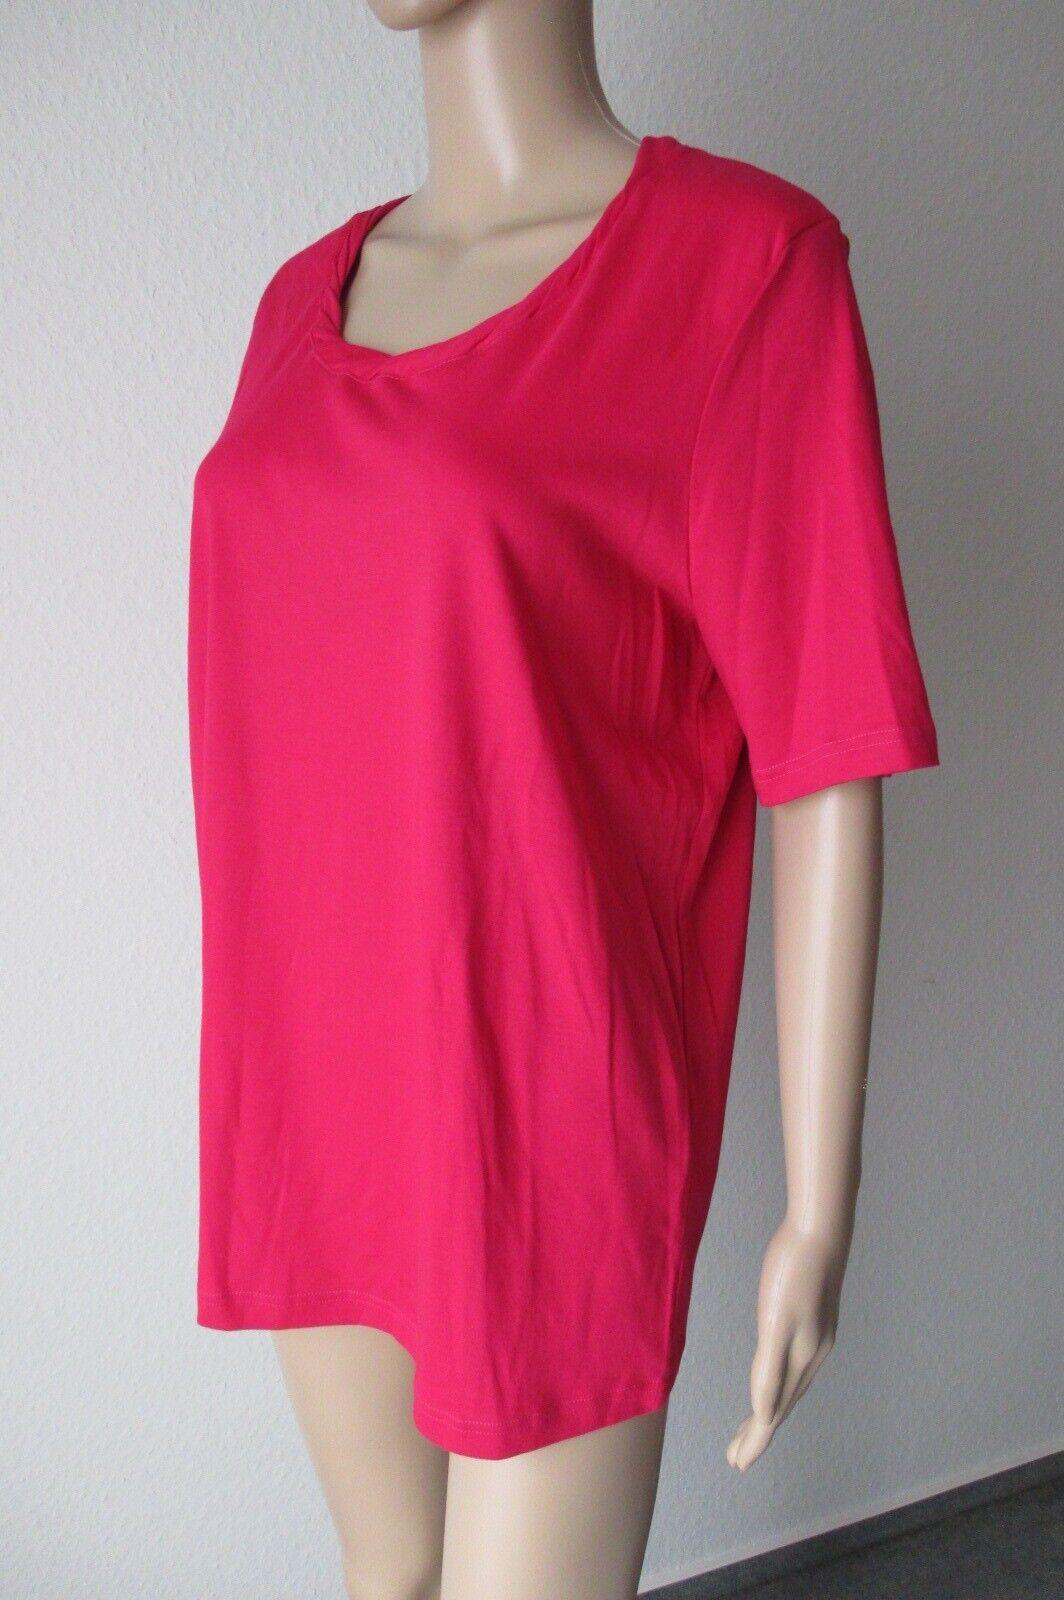 Efixelle Rundhals-Shirt mit Kurzarm, in der Farbe rot, Größe 48